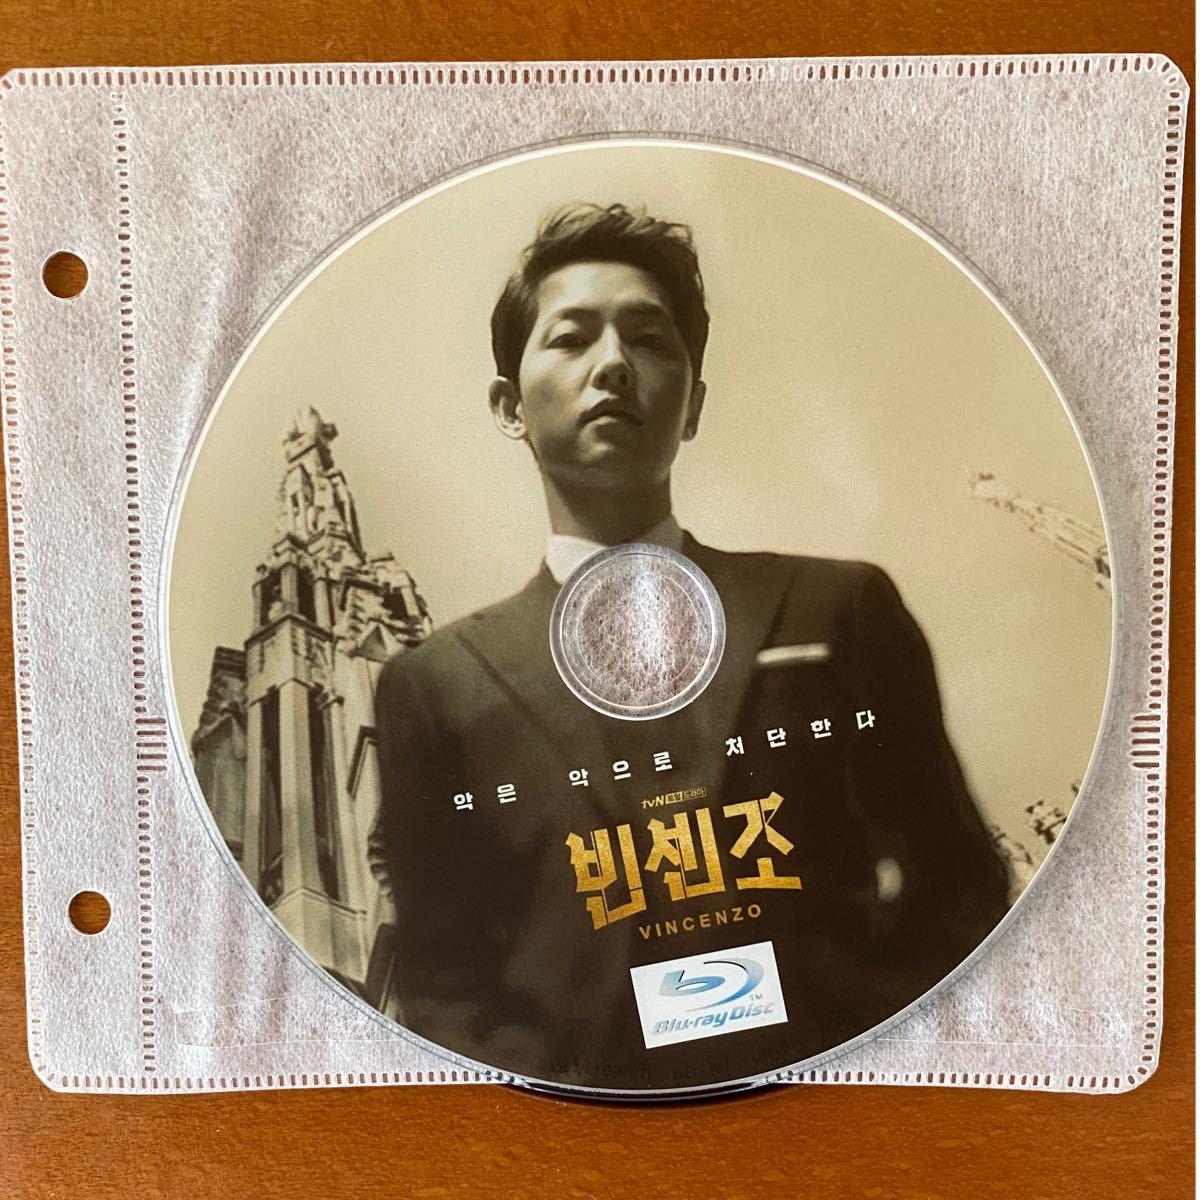 【韓国ドラマ】ソンジュンギ主演 ビィンチェンツエ  全話 Blu-ray 送料込